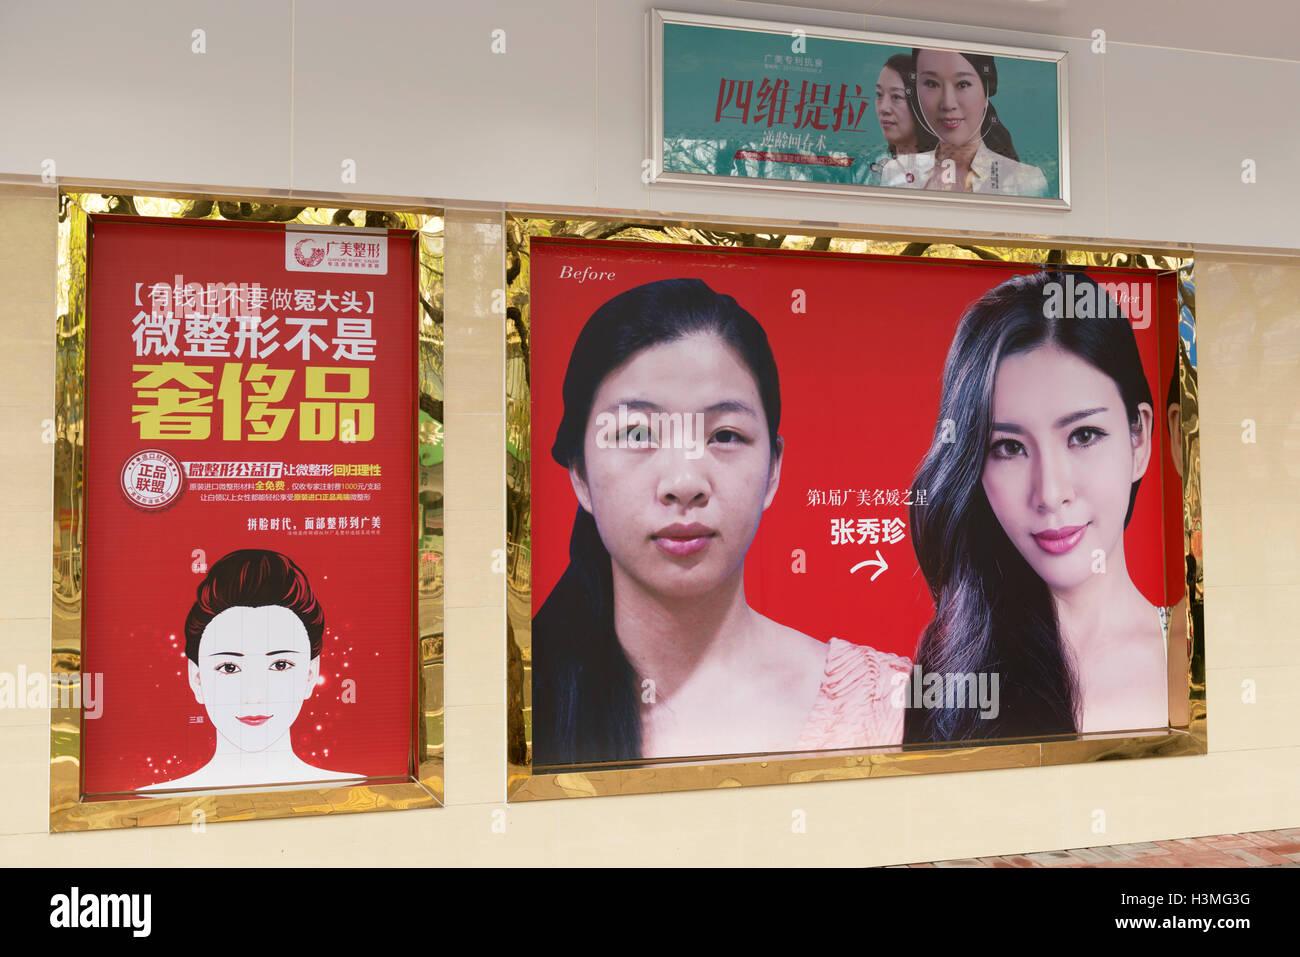 Chirurgie plastique publicité de plein air en Chine Photo Stock